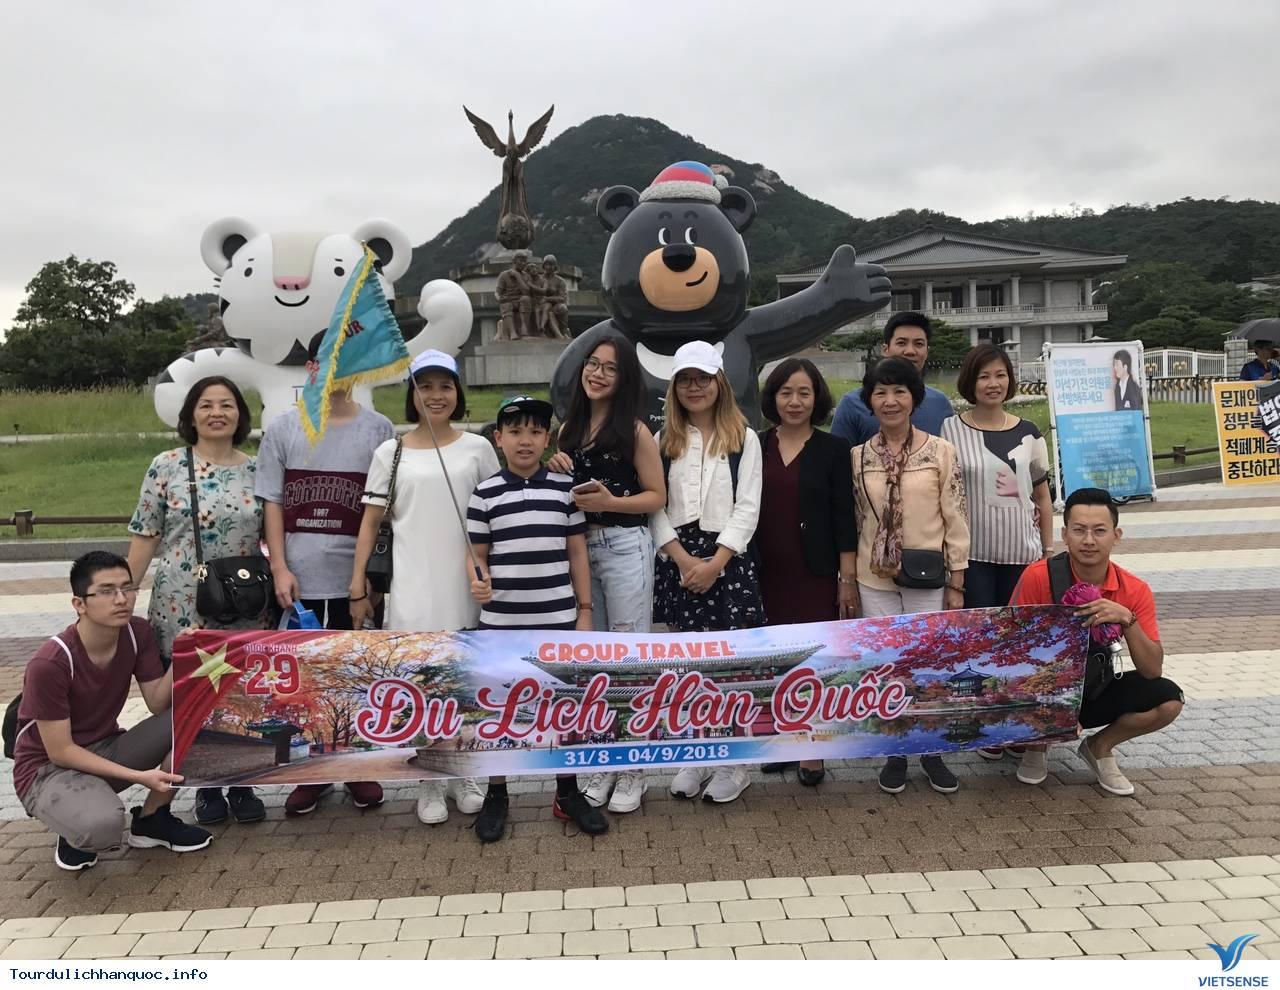 Hình ảnh đoàn Hàn Quốc 31/804/09/2018do Vietsense tổ chức - Ảnh 3